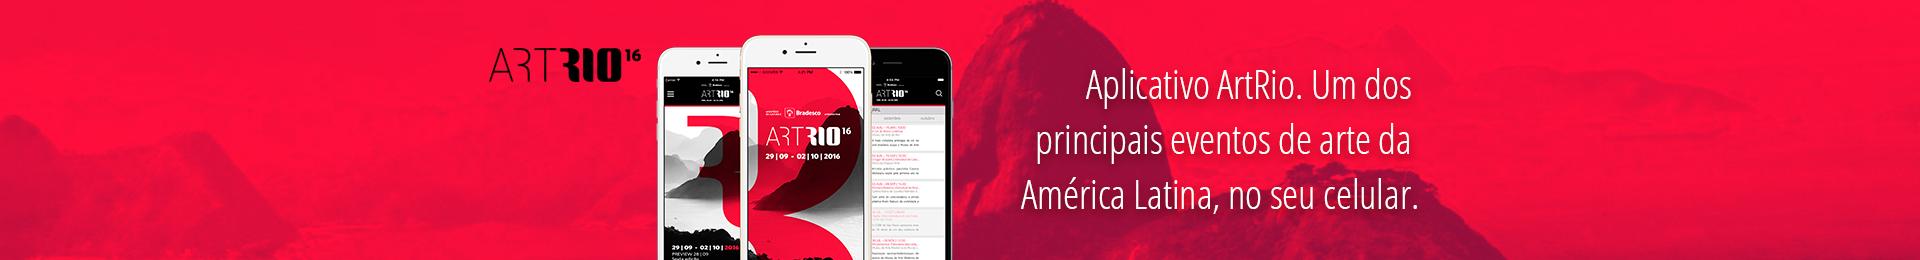 Aplicativo ArtRio. Um dos principais eventos de arte da América Latina.